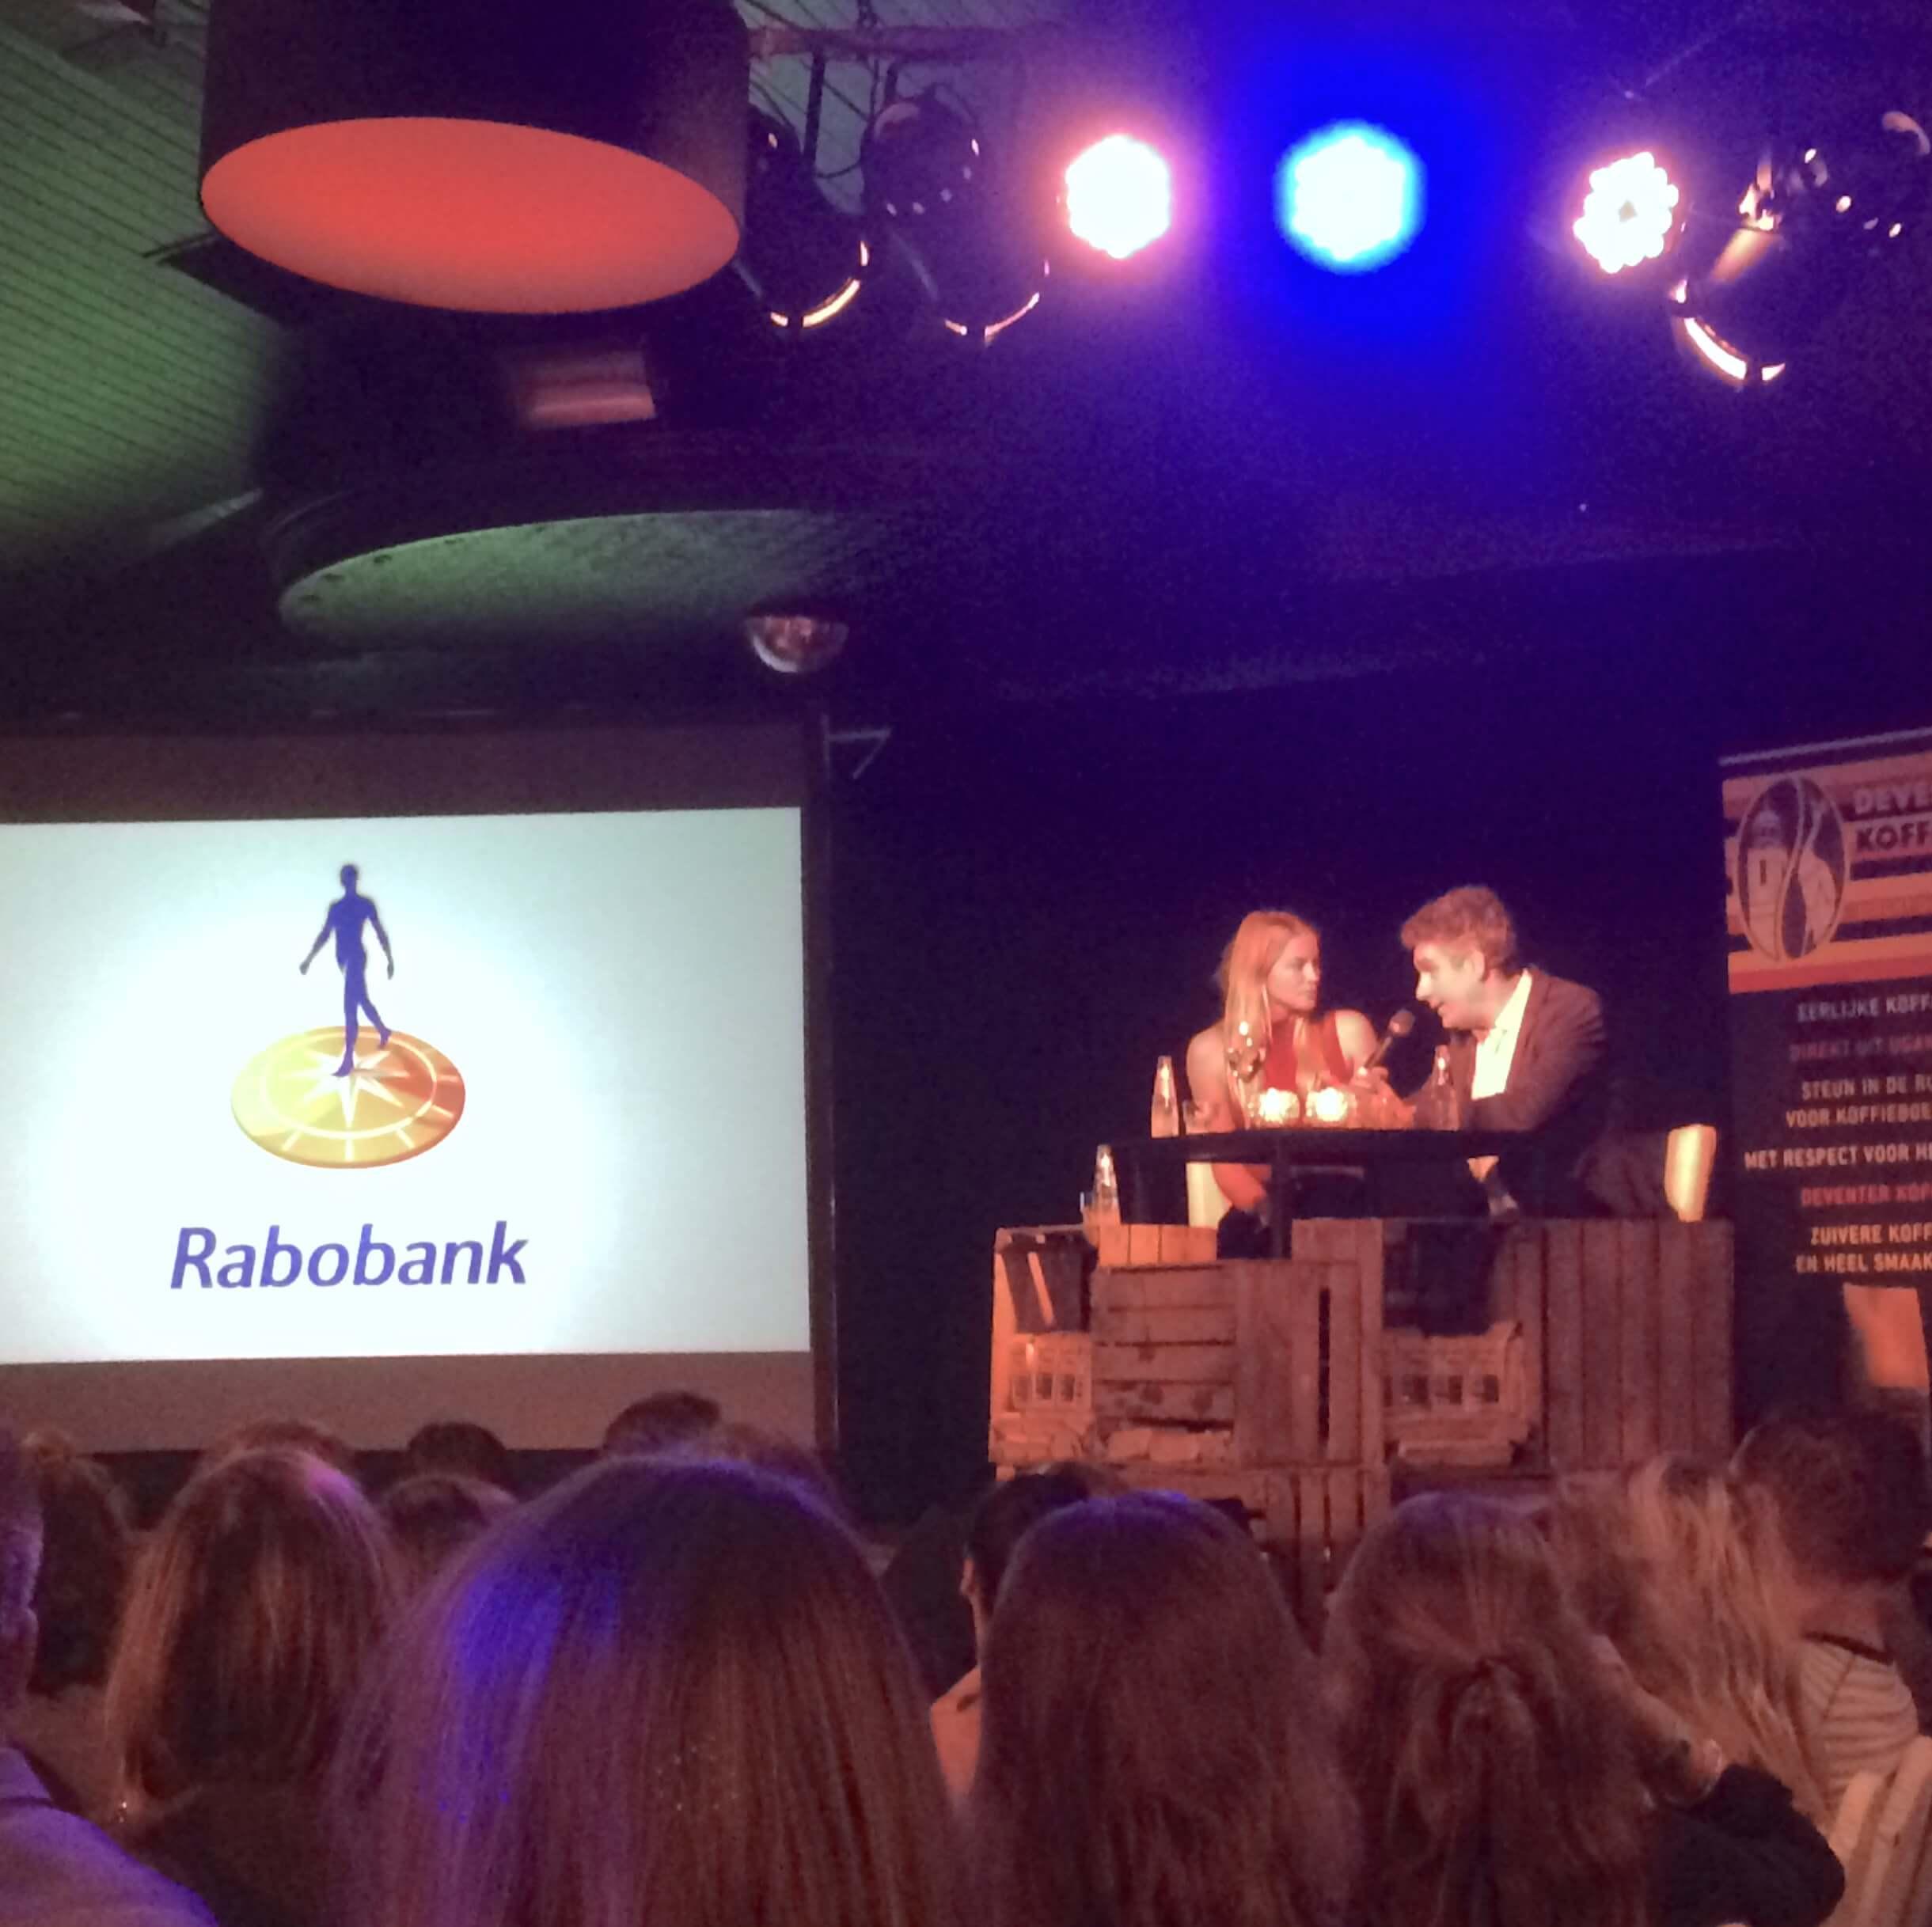 Maandoverzicht november | Rabobank event